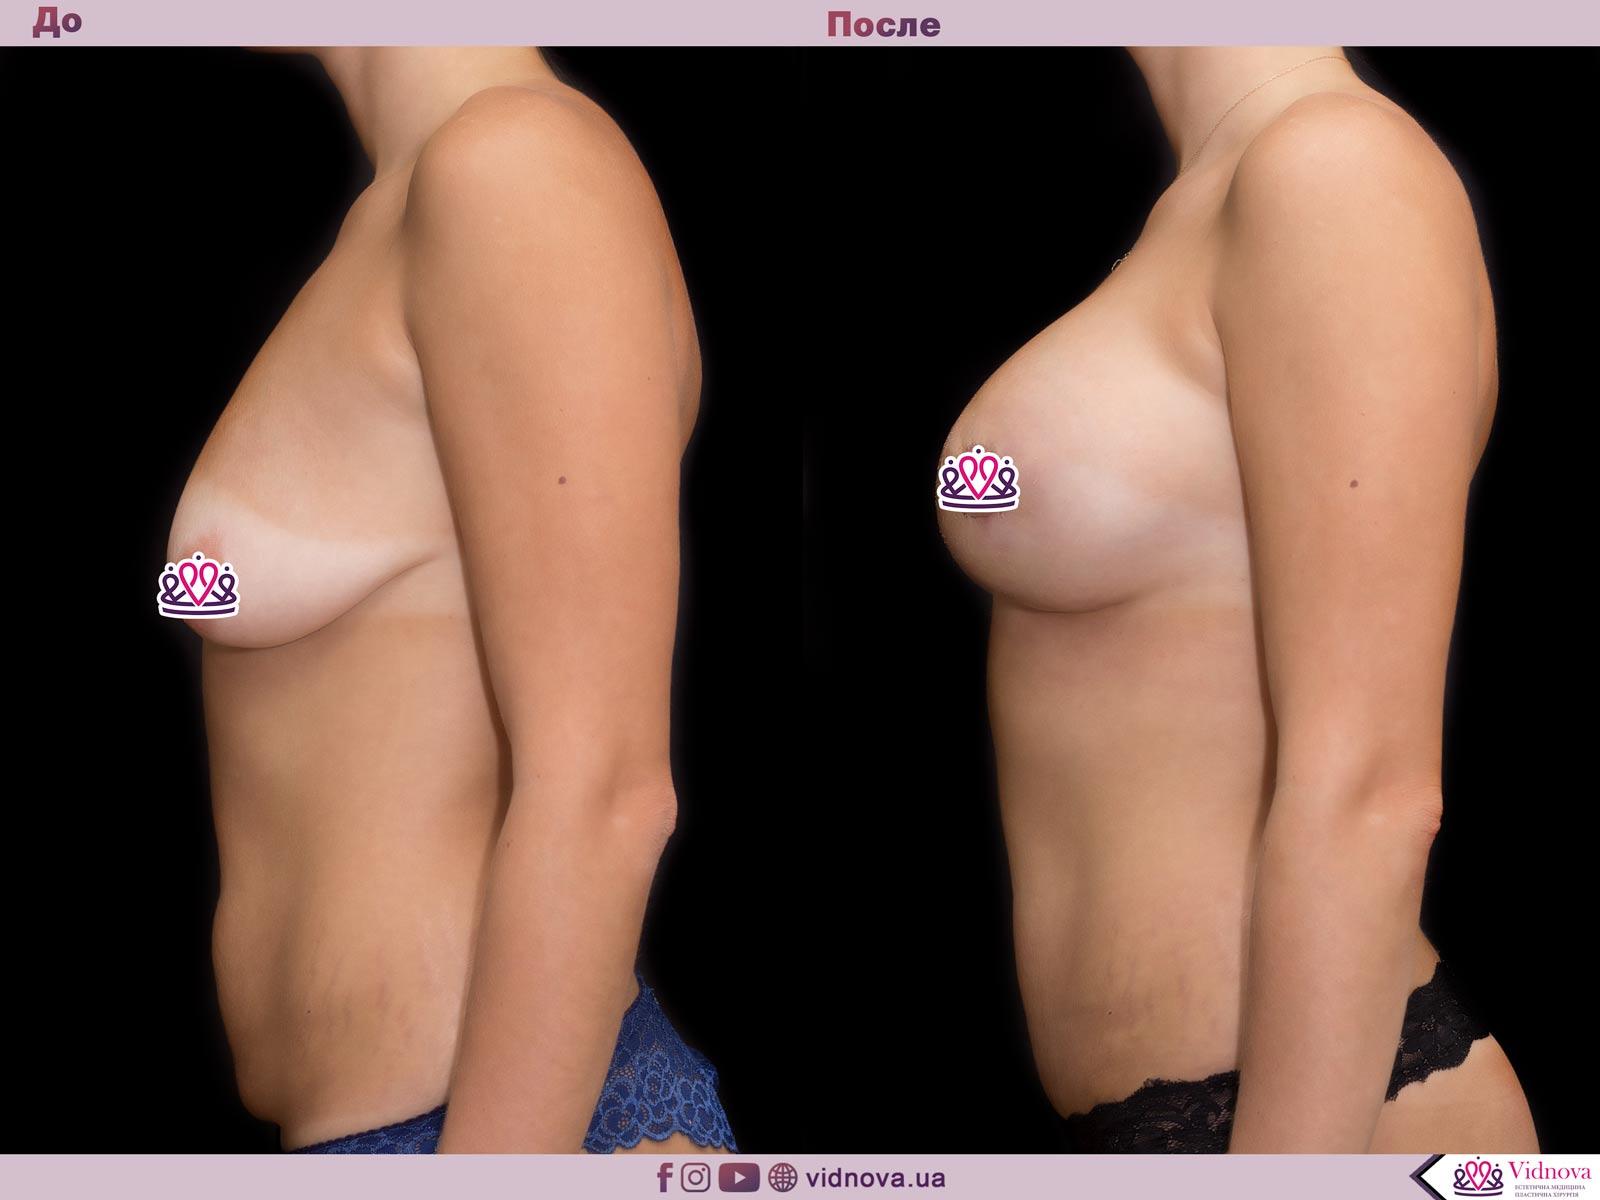 Пластика груди: результаты до и после - Пример №61-2 - Светлана Работенко